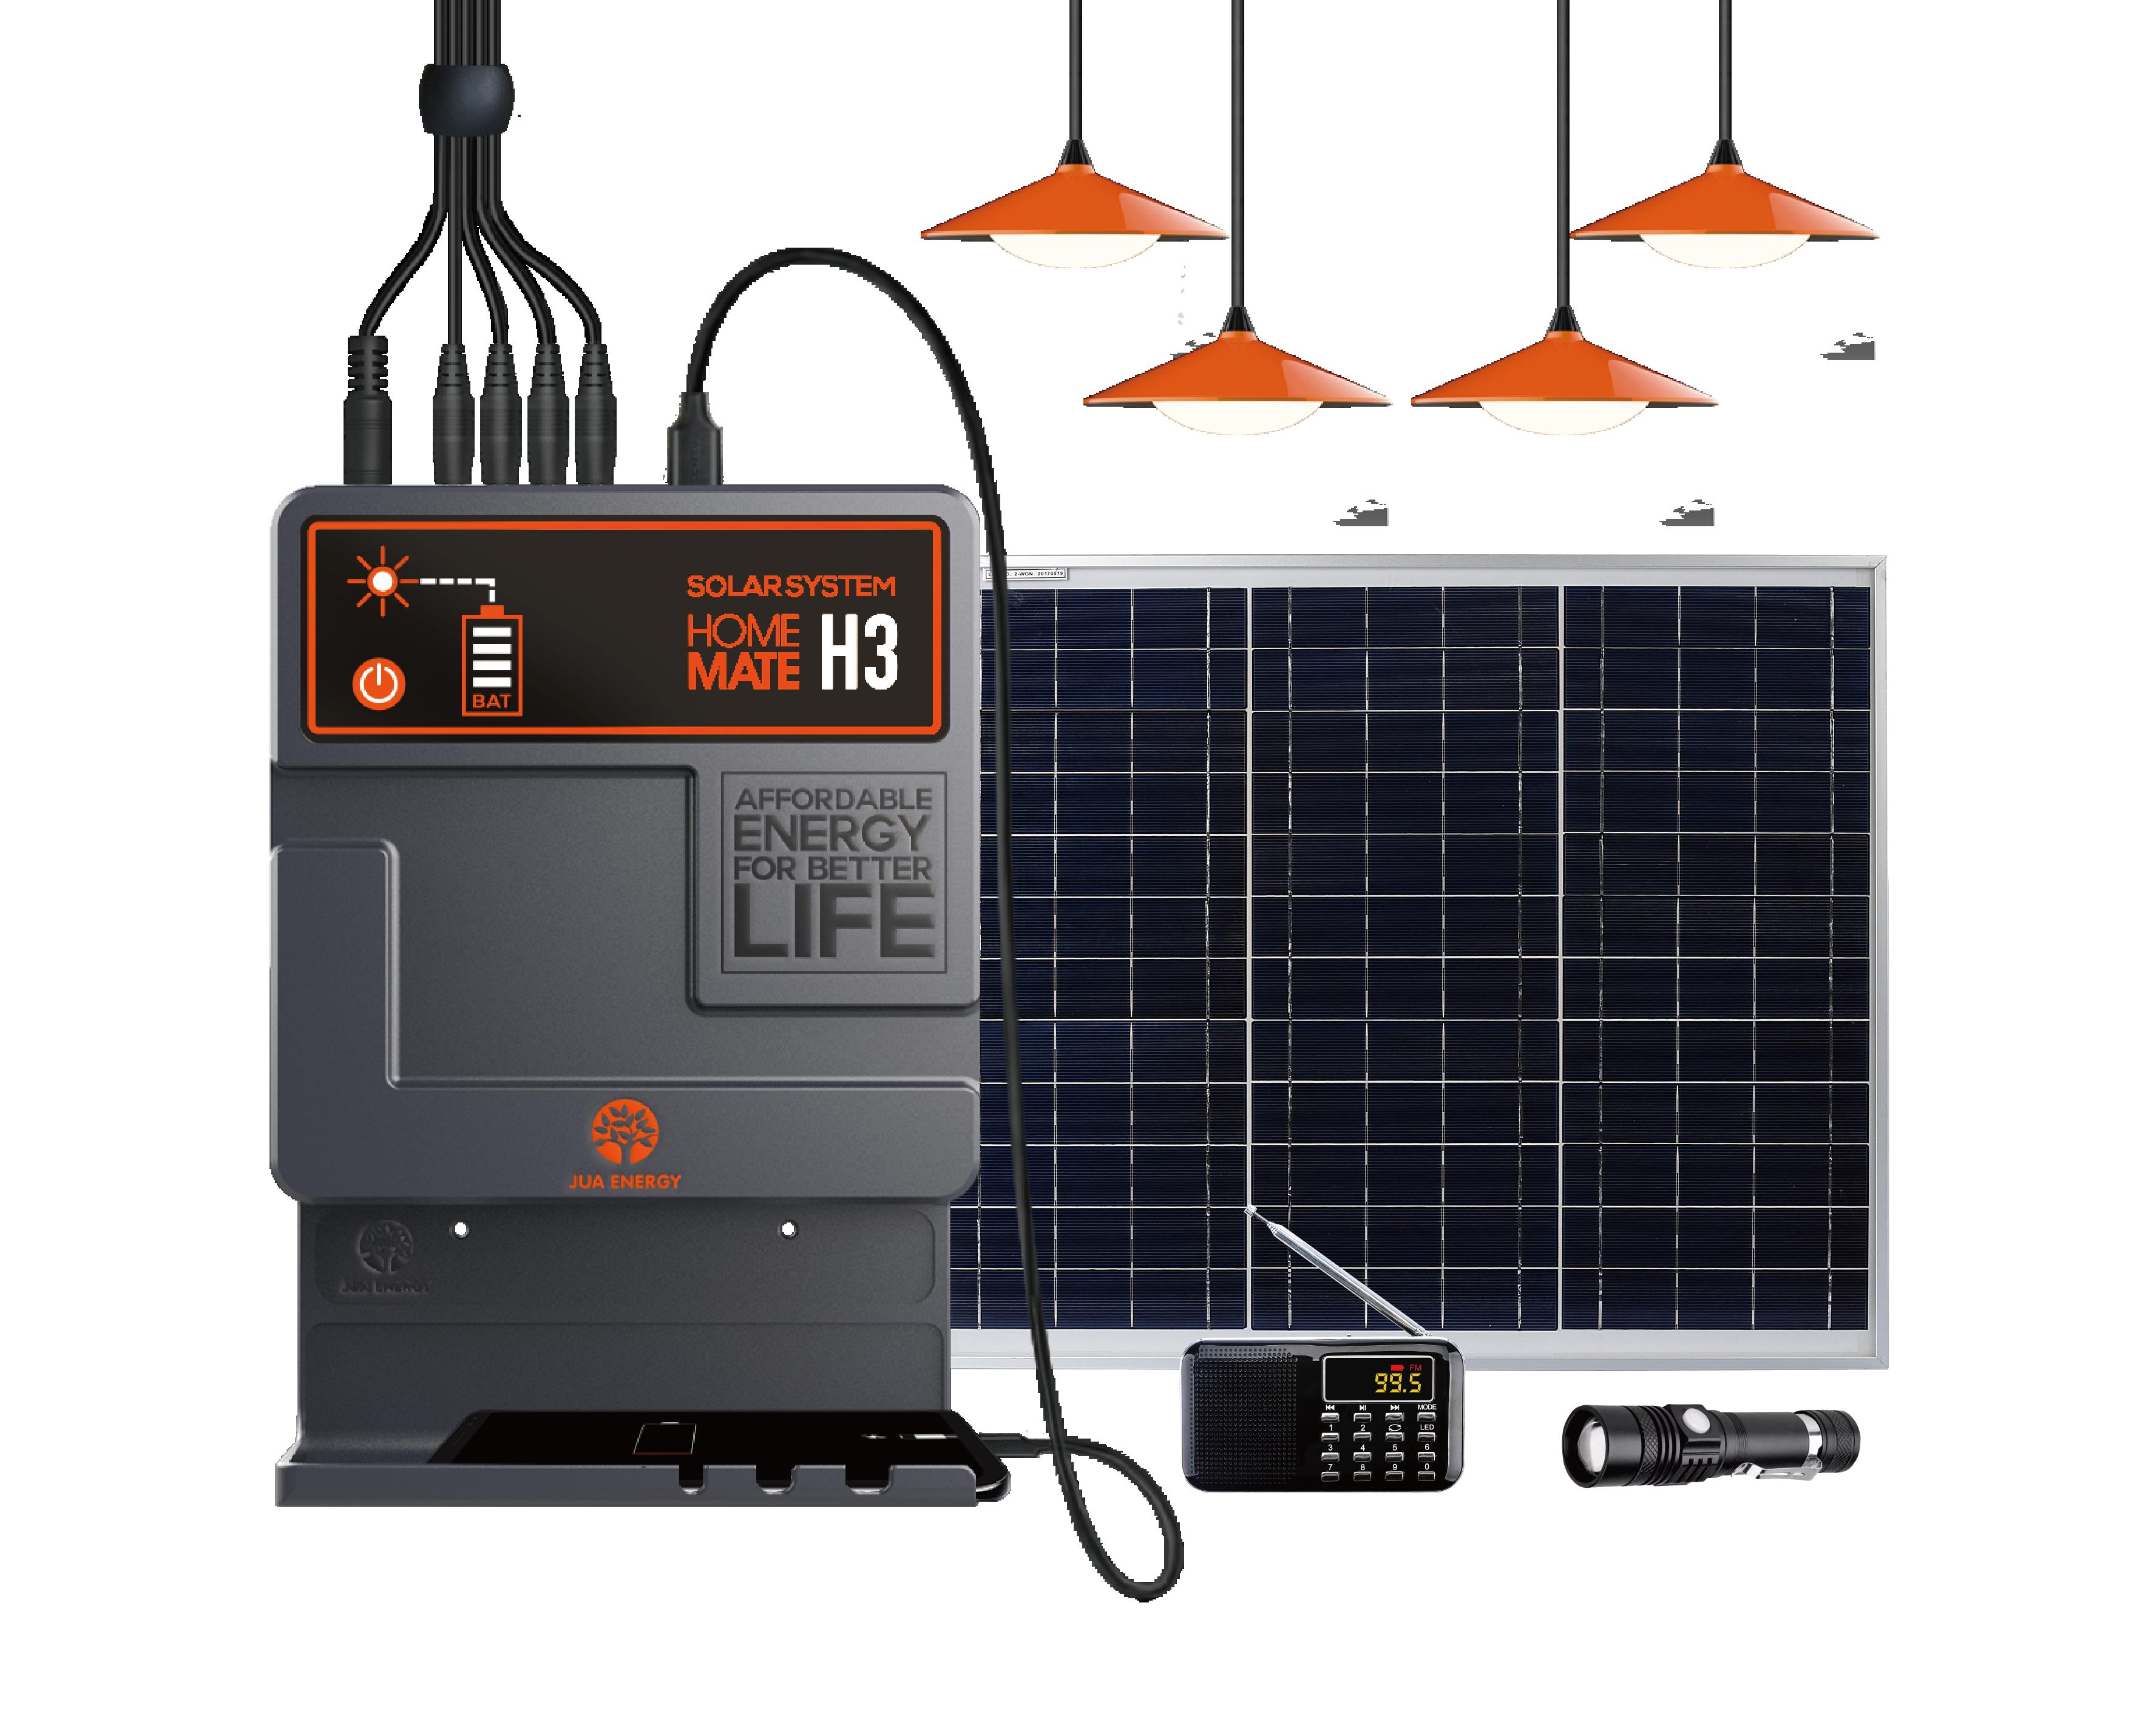 طقم مصباح منزلي بالطاقة الشمسية نظام ألواح الطّاقة الشمسيّة 4 لمبات LED نظام الطاقة الشمسية المنزلية للإضاءة المنزلية